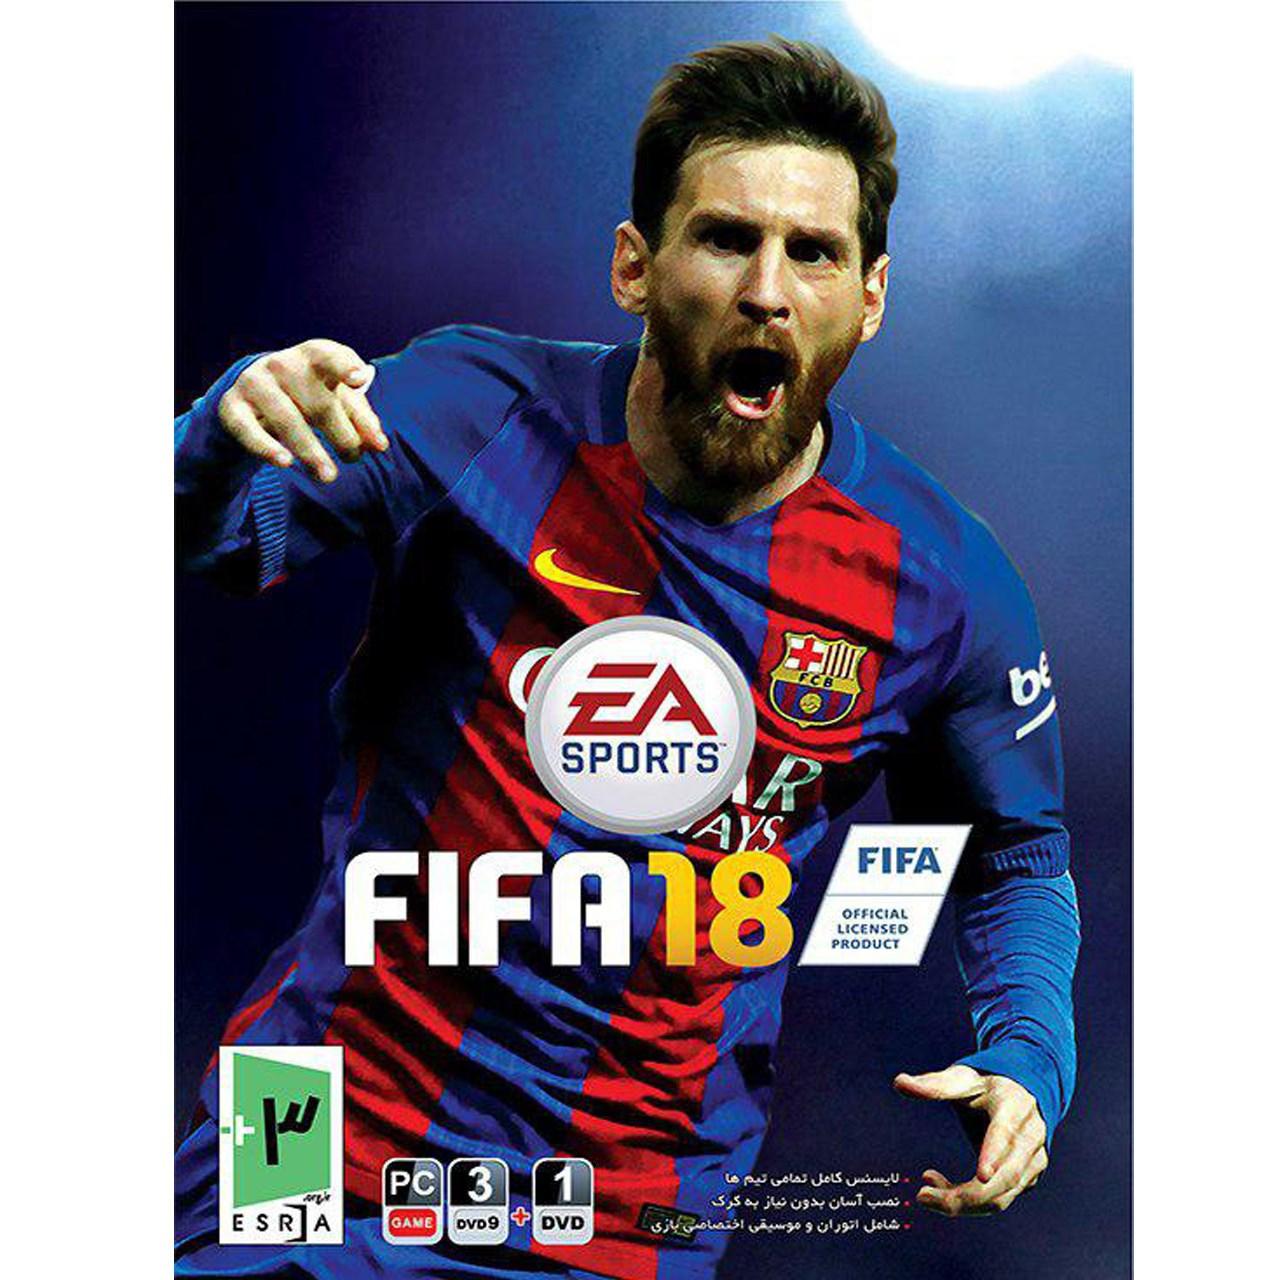 بازی کامپیوتری FIFA 2018 مخصوص pc